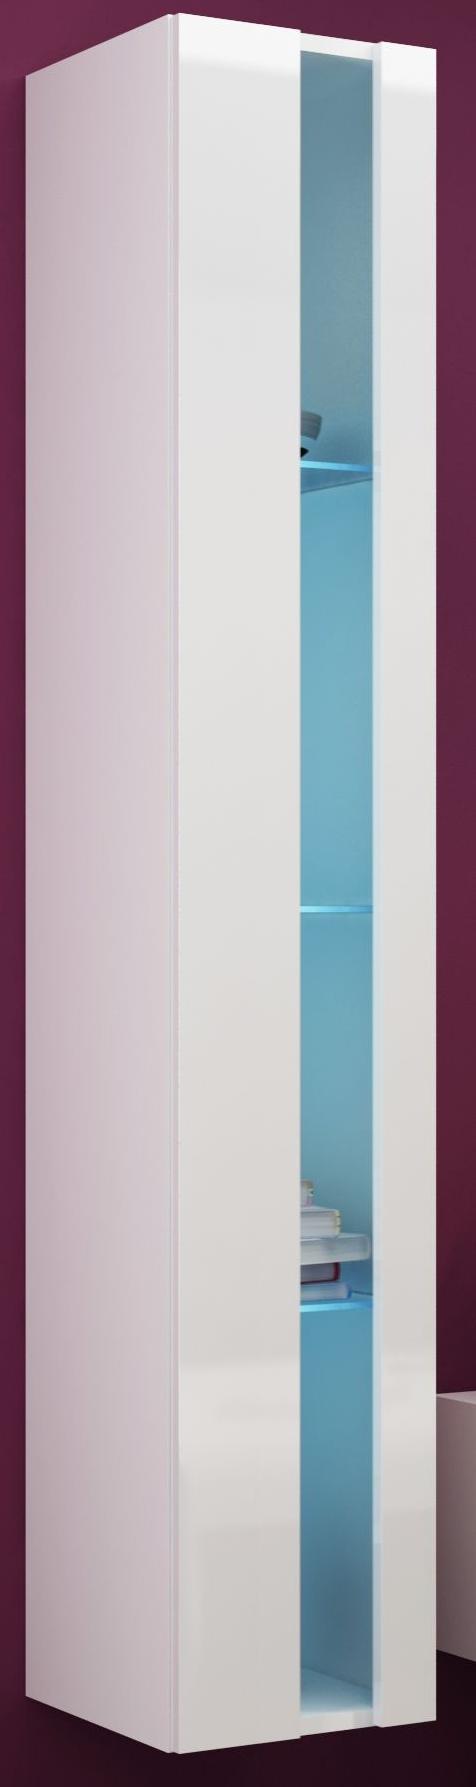 Vitrína na stenu - Famm - Vigo 180 otvorená LED biela (s osvetlením)